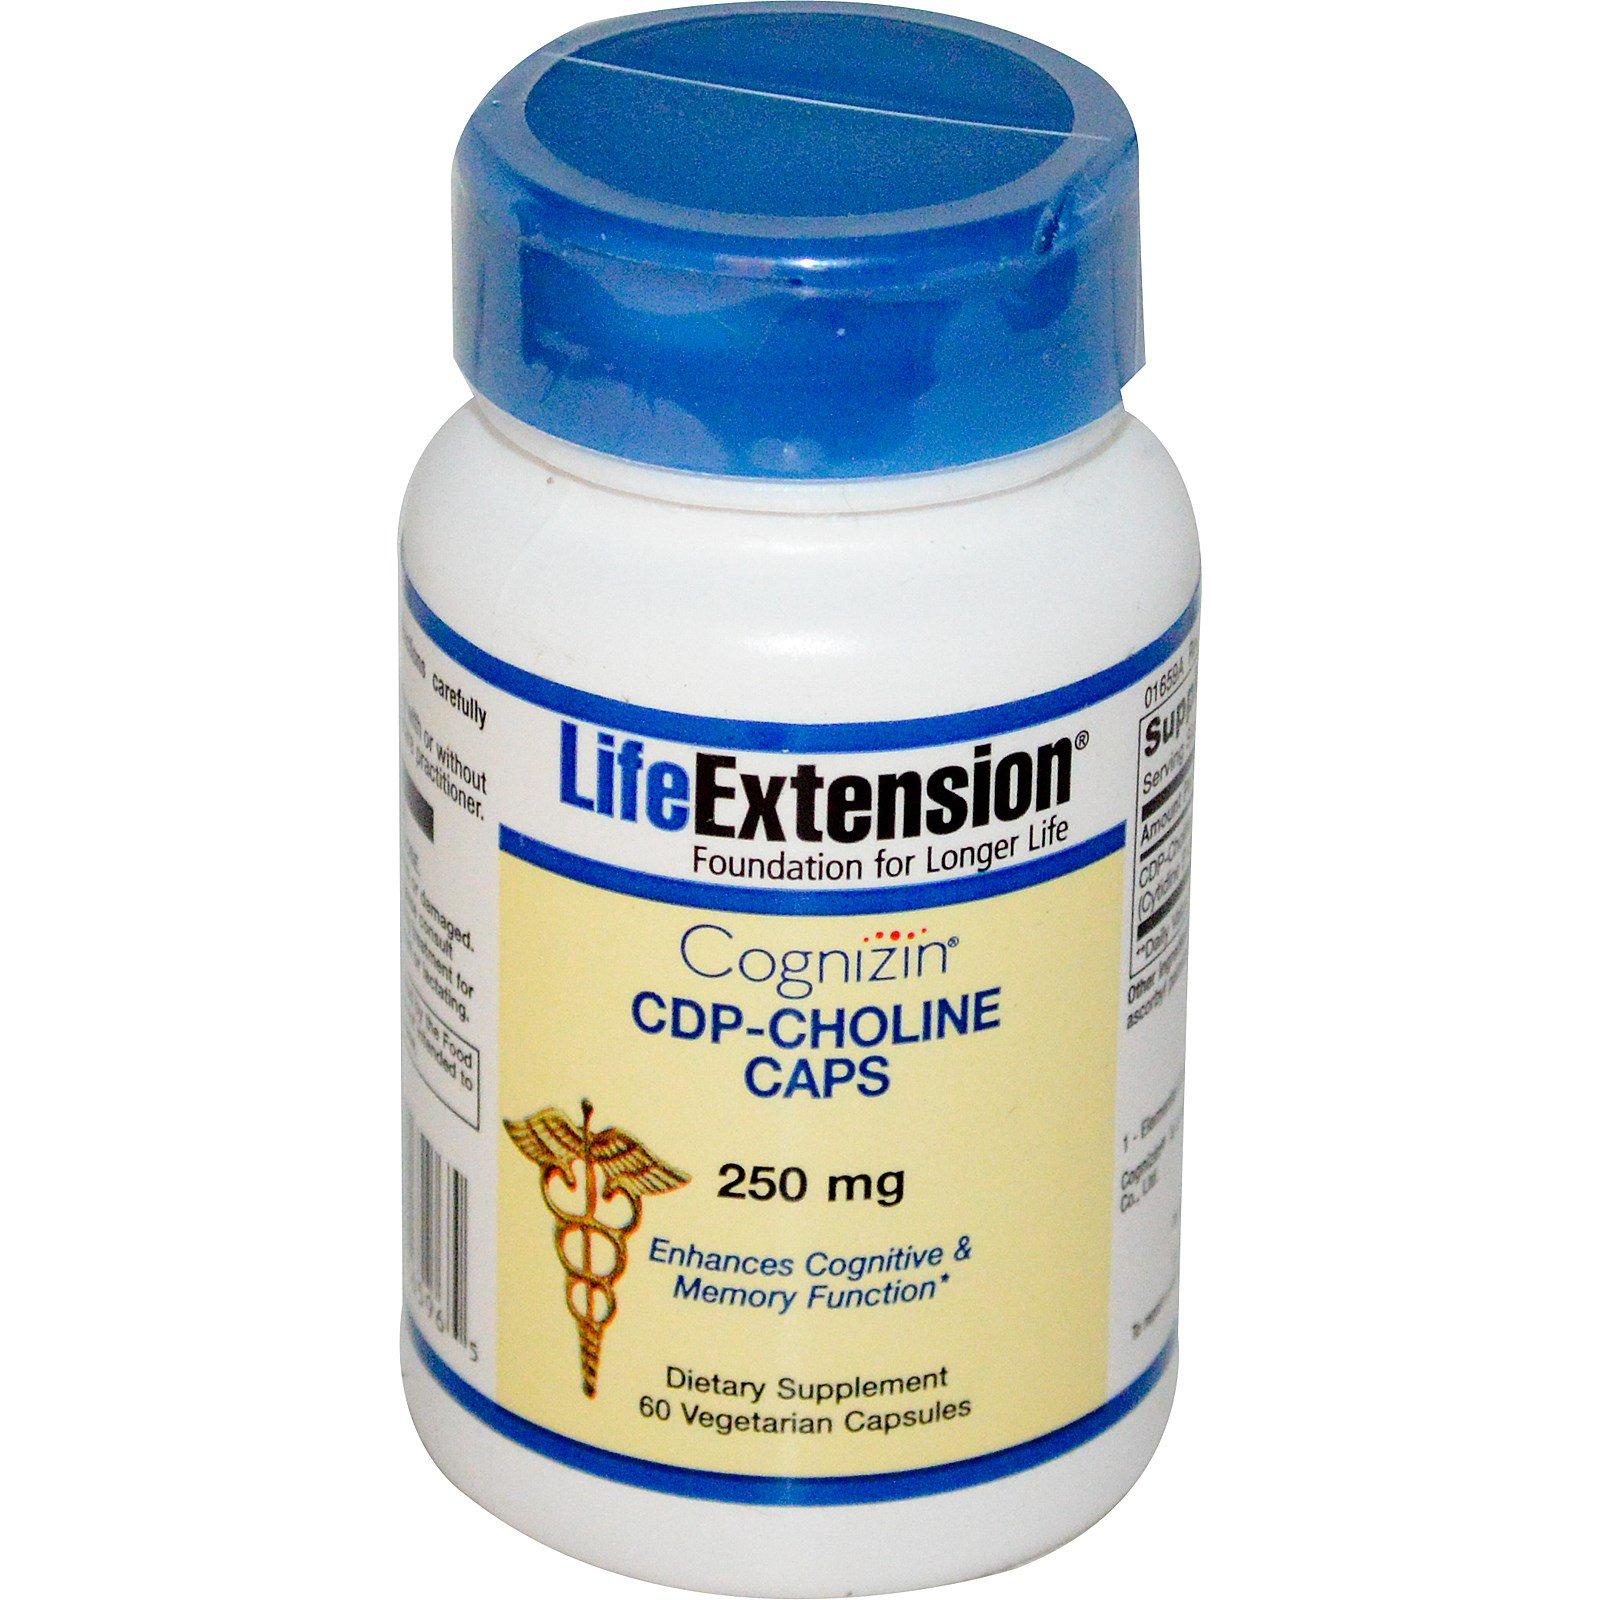 Life Extension, Cognizin, капсулы с CDP-холином, 250 мг, 60 растительных капсул